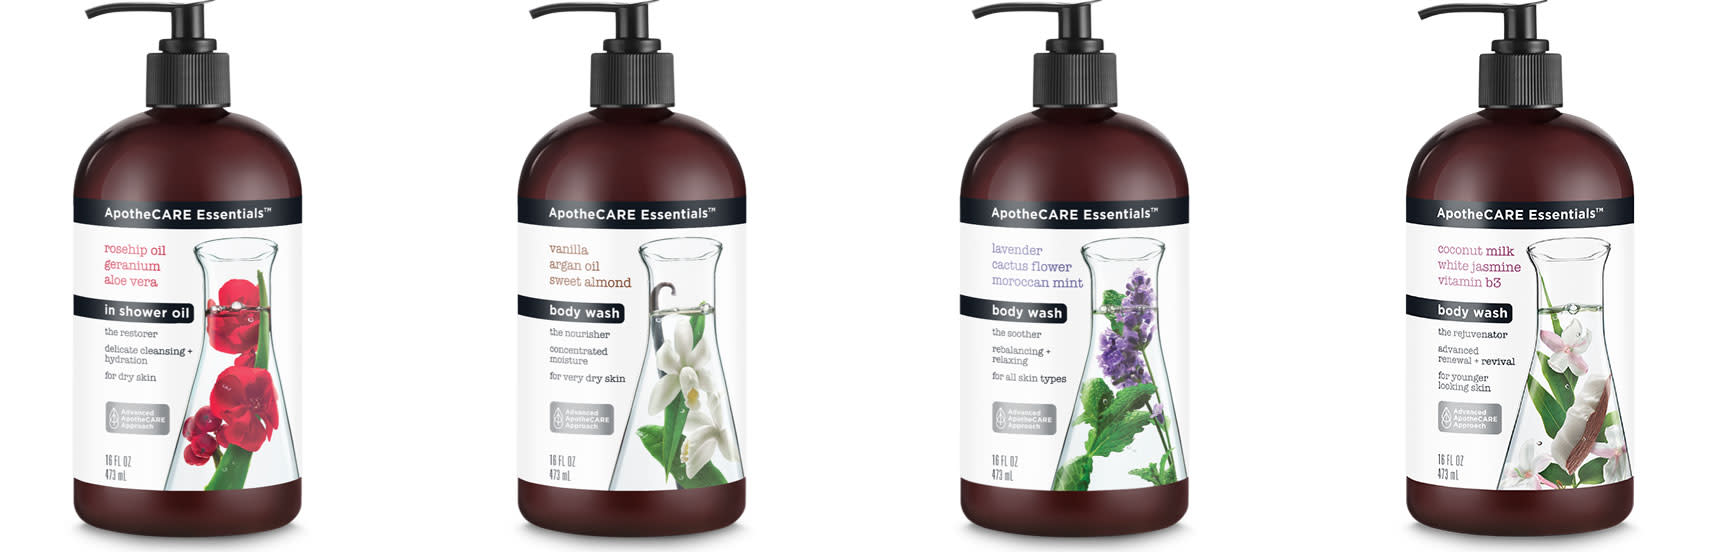 Handout: ApotheCARE Essentials Body Wash Range